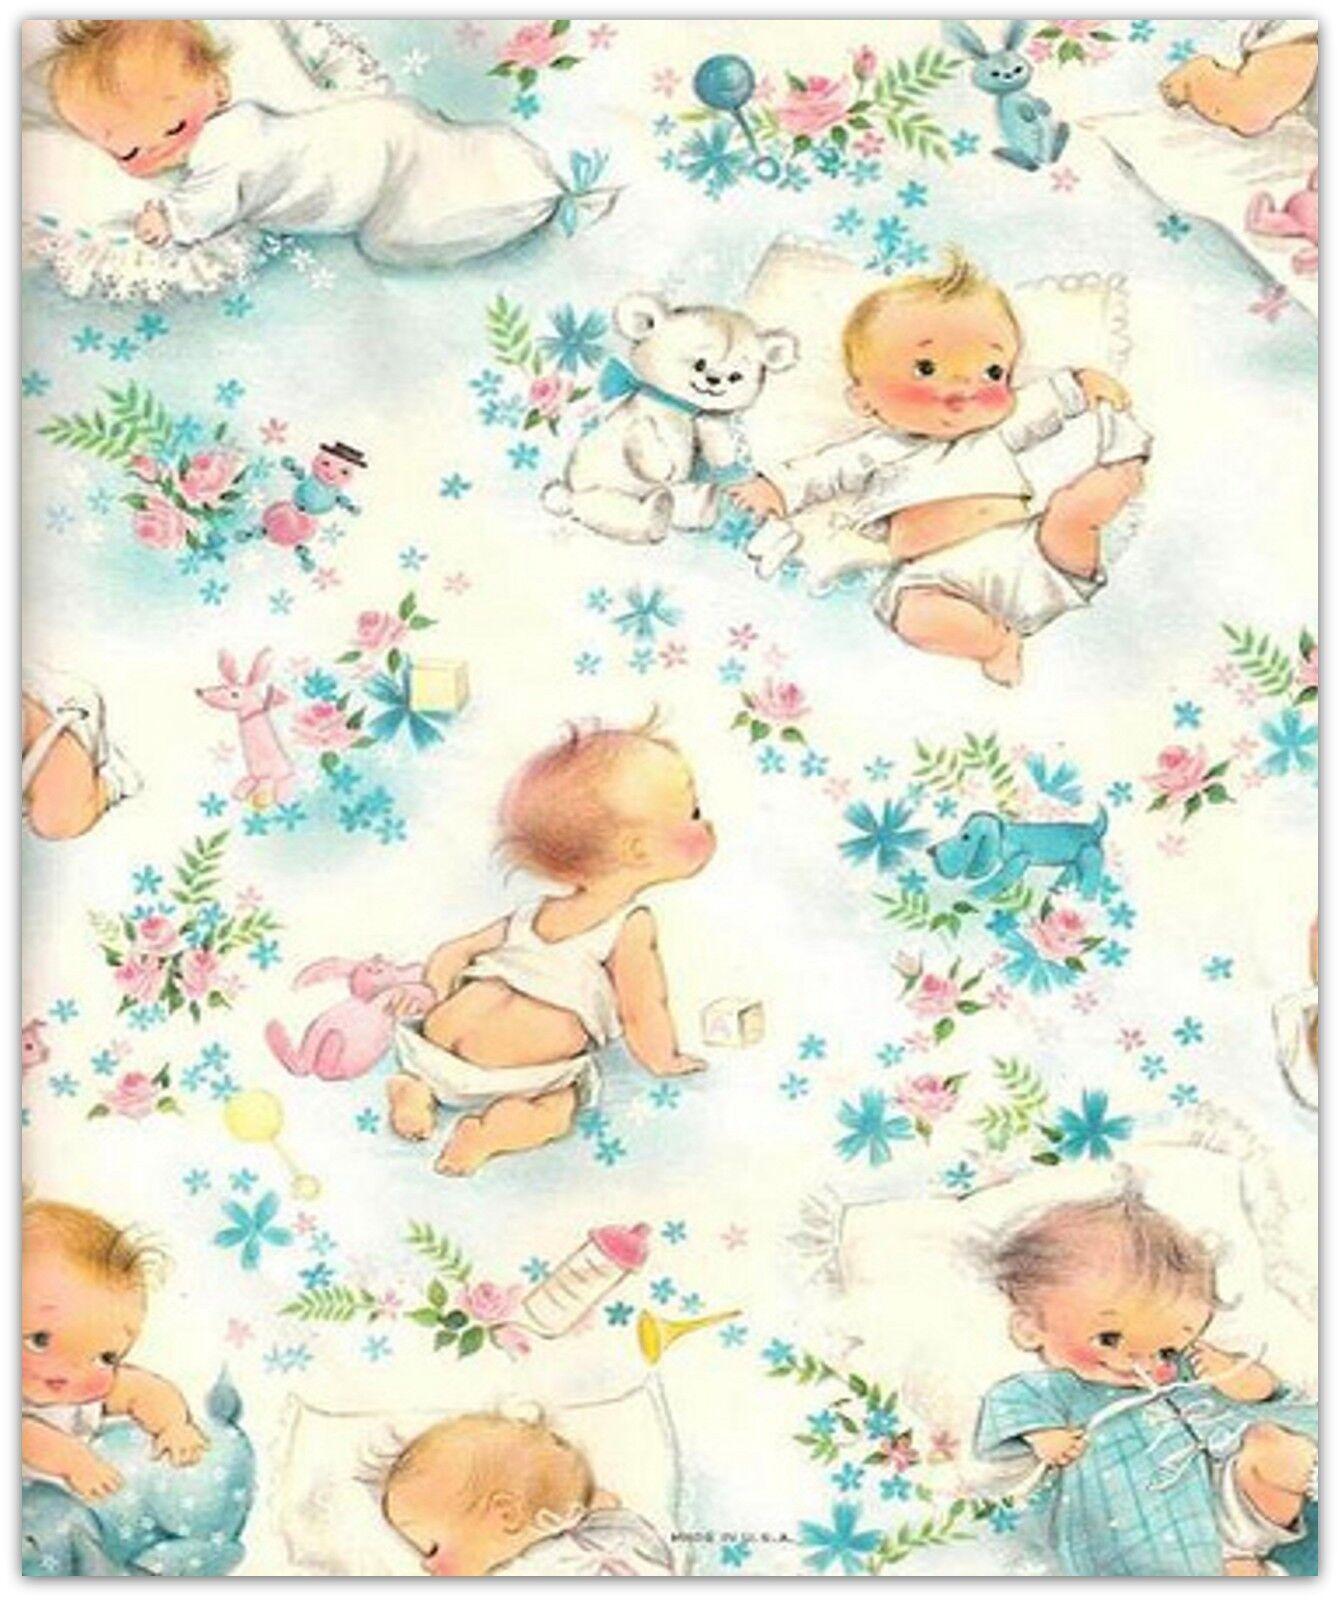 Adorable bebé Manta Polar infantil Lap lanzar 50x60 Cama Bunny Cachorro de oso de peluche